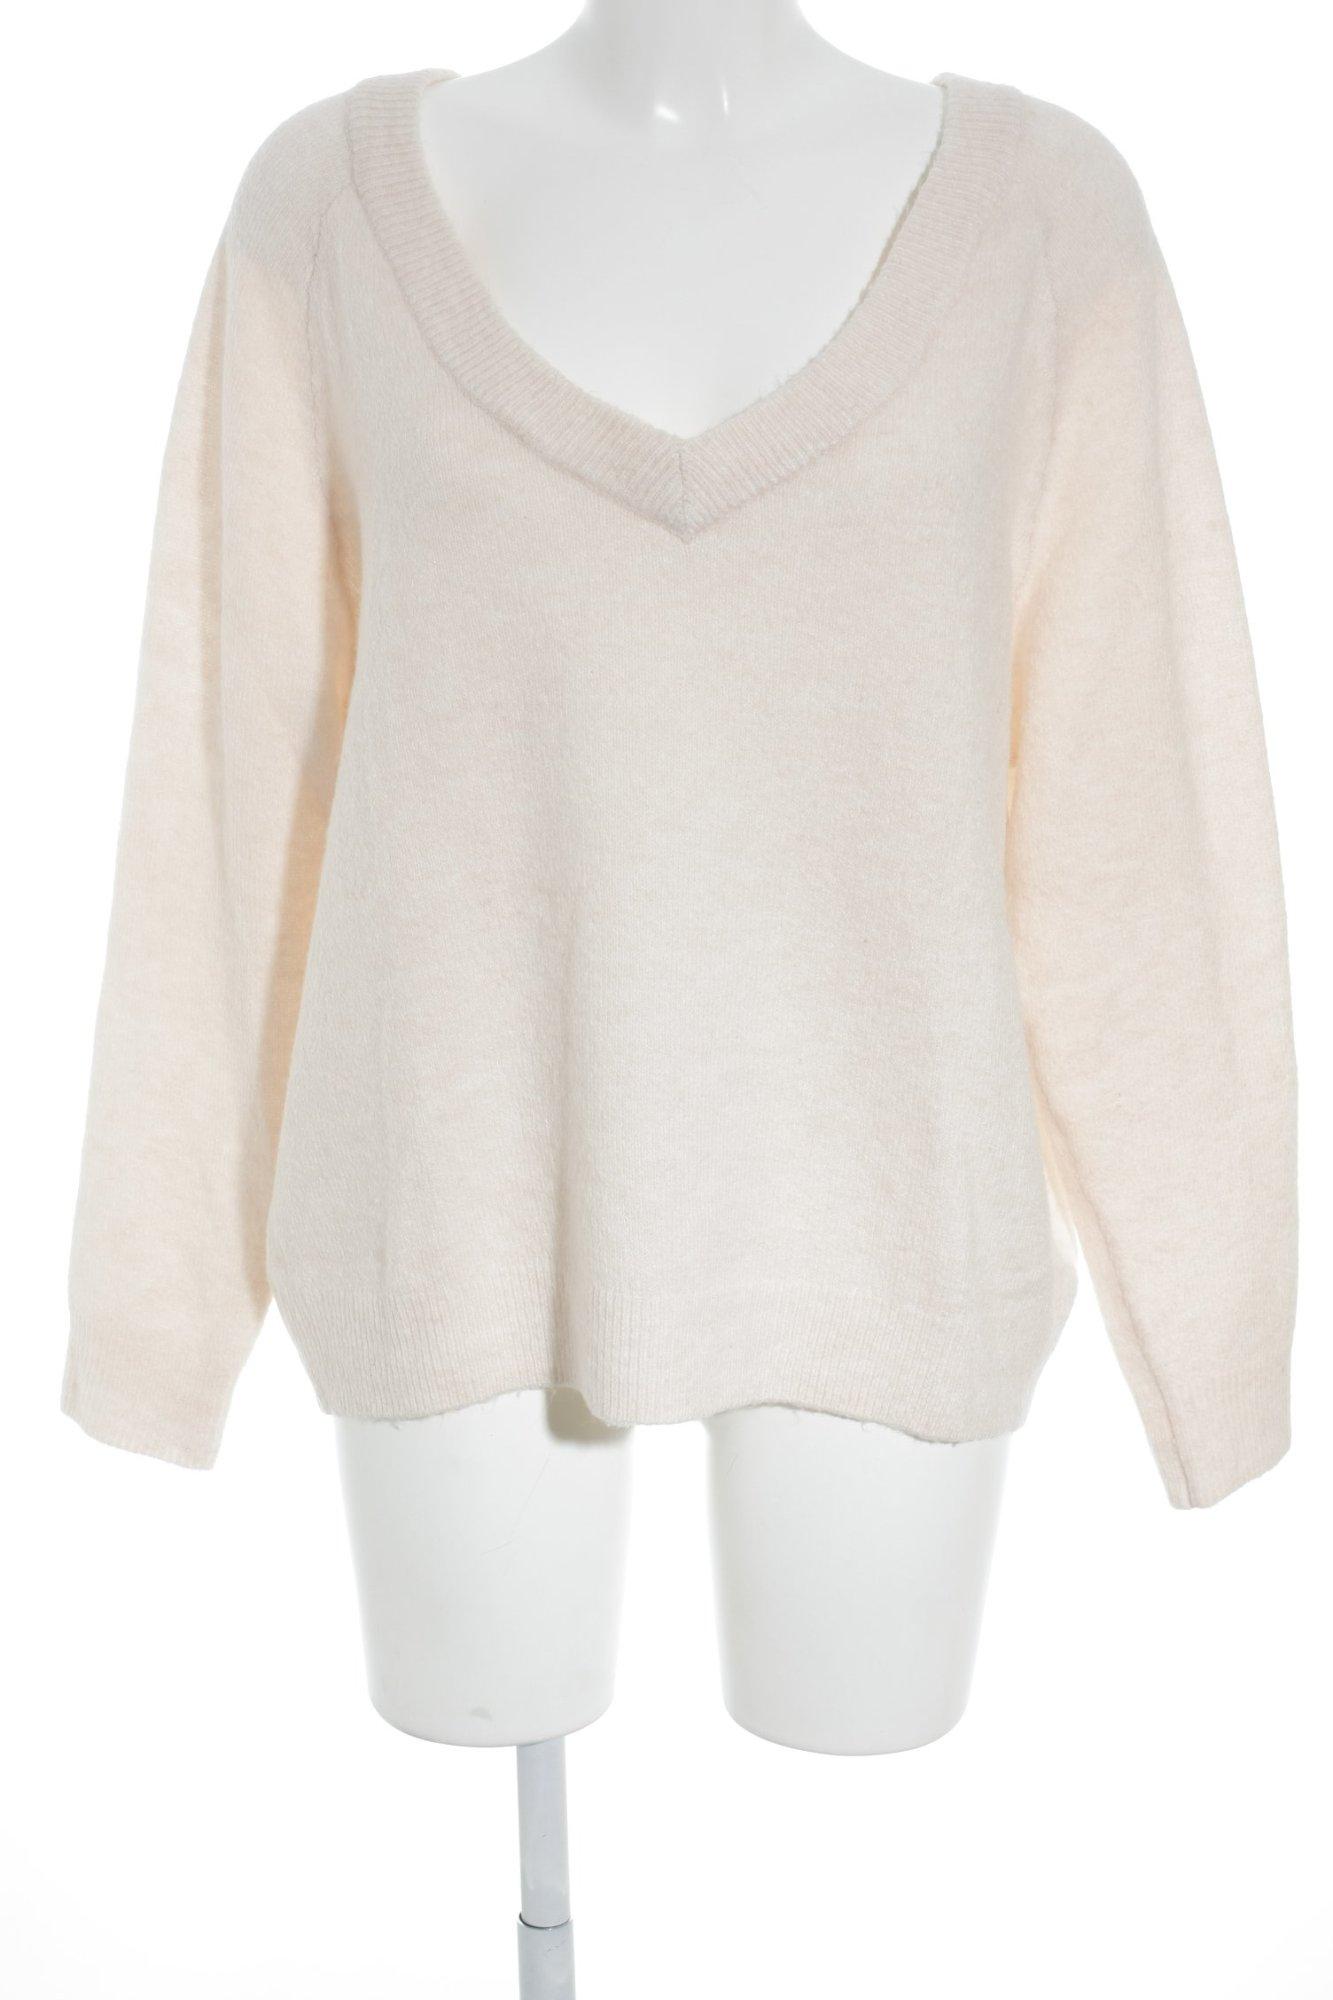 low priced 1f5df bea22 Dettagli su H&M Maglione con scollo a V rosa pallido stile romantico Donna  Taglia IT 42